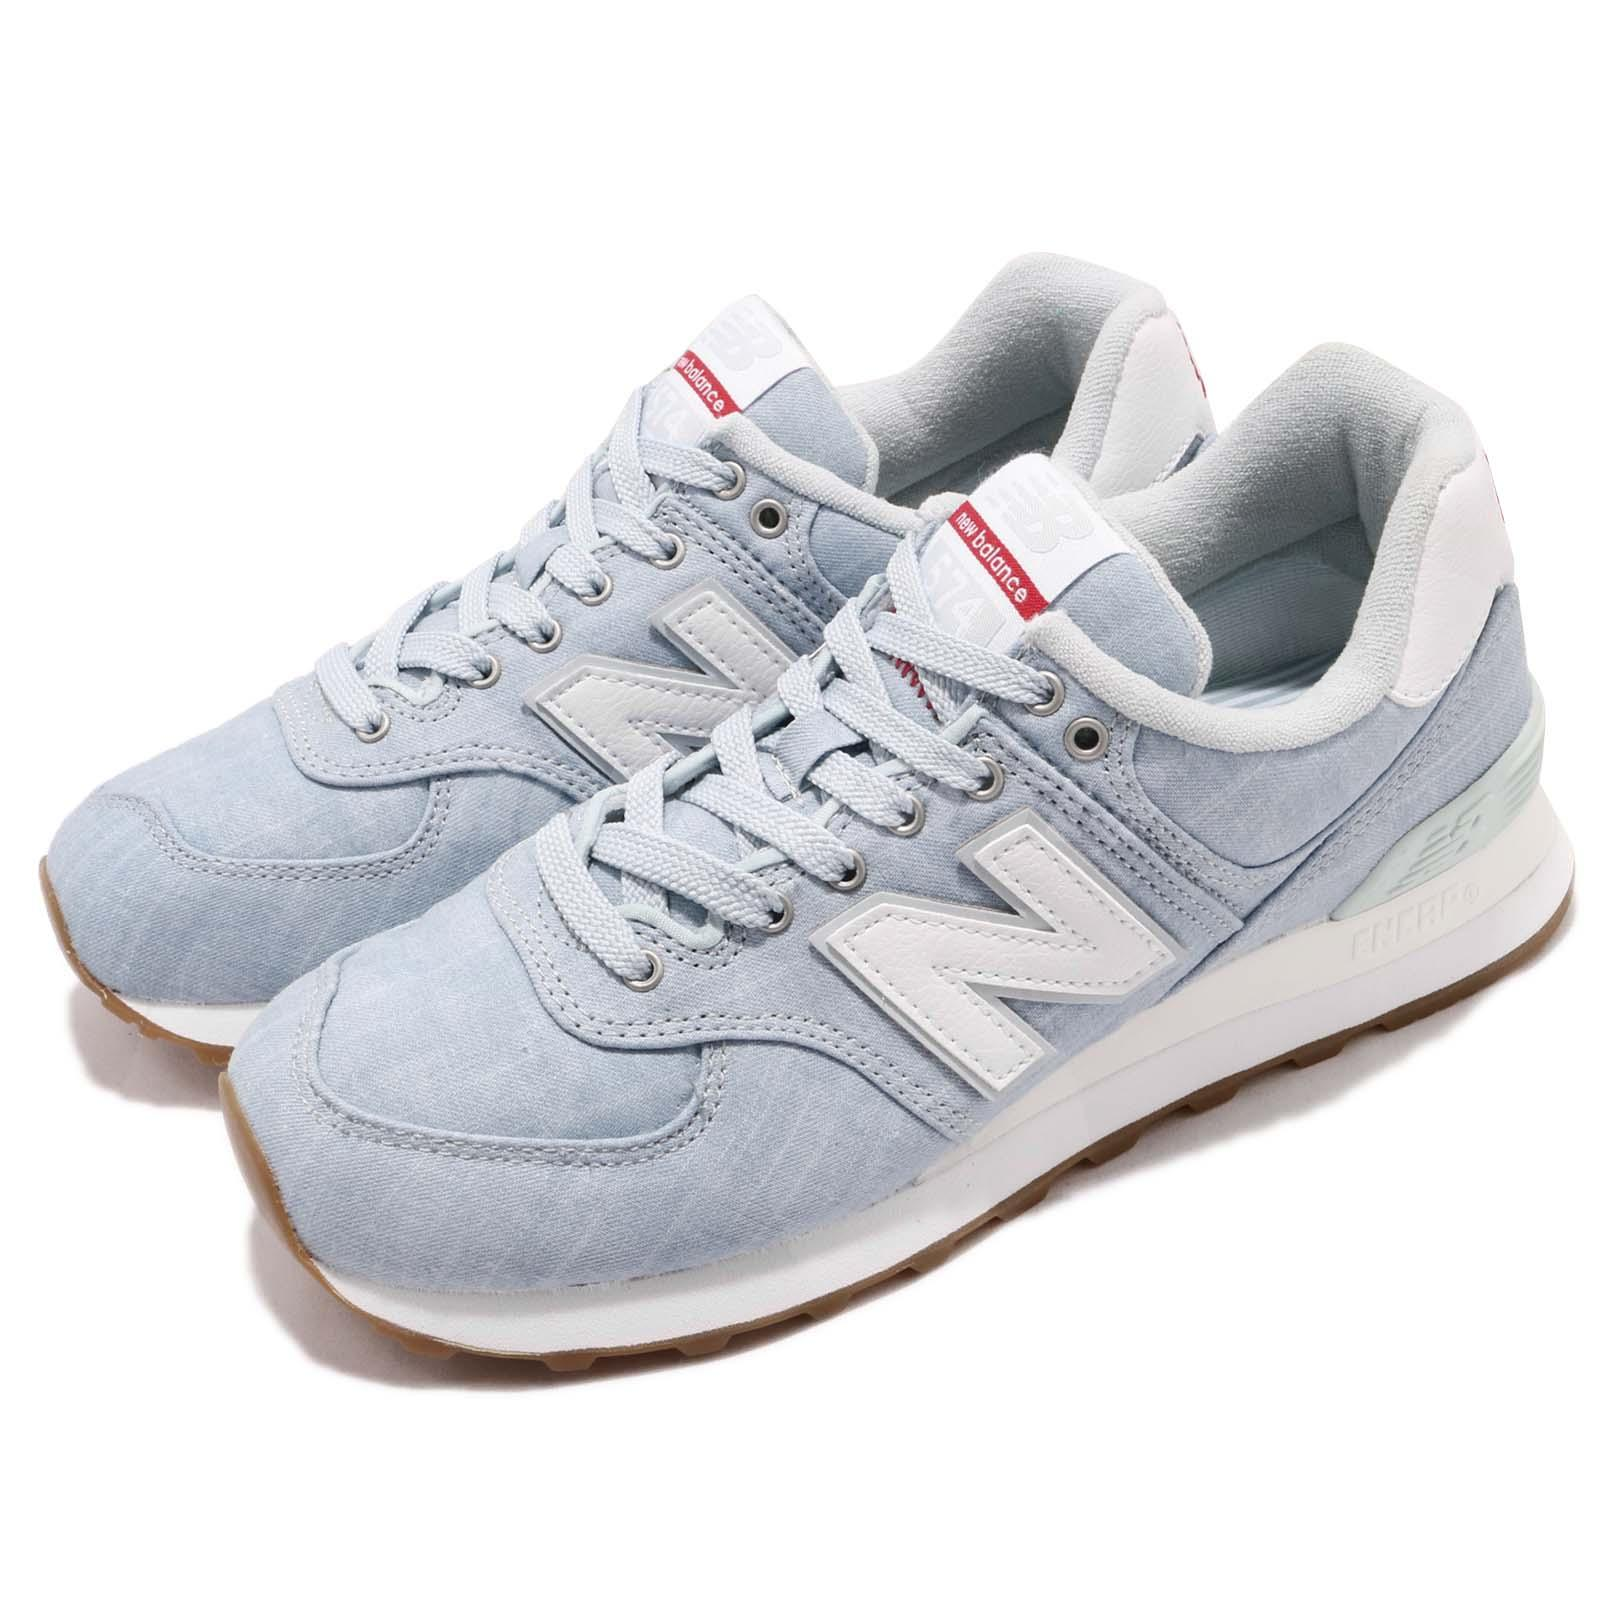 ec3a3e3ef3d3e New Balance ML574YLF D Blue White Gum Men Running Shoes Sneakers ML574YLFD  - tualu.org